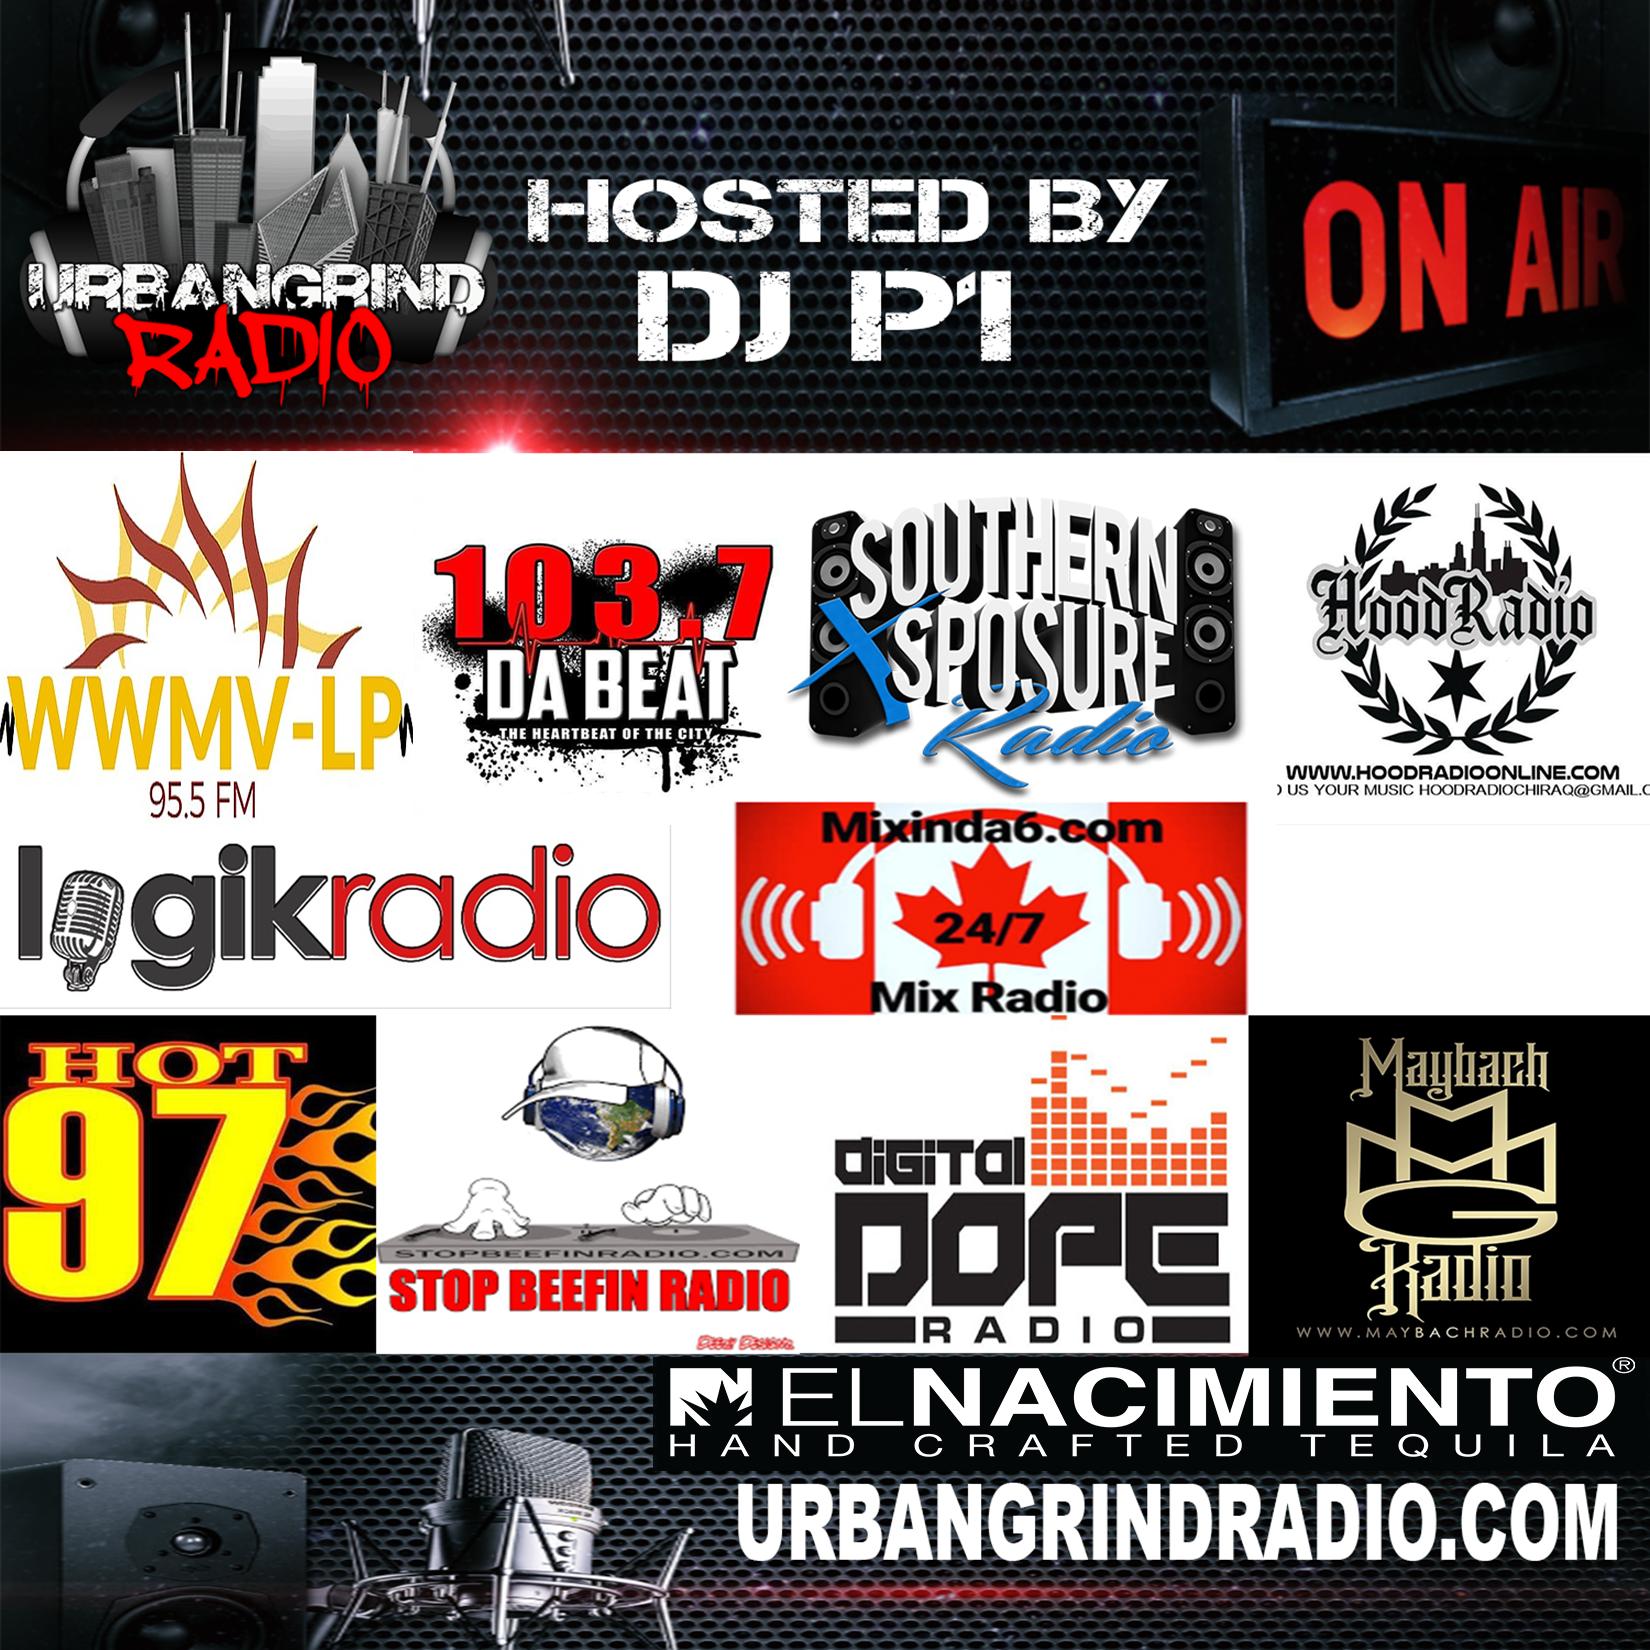 Urban Grind Radio 2019 Flyer w Naci Teq.png